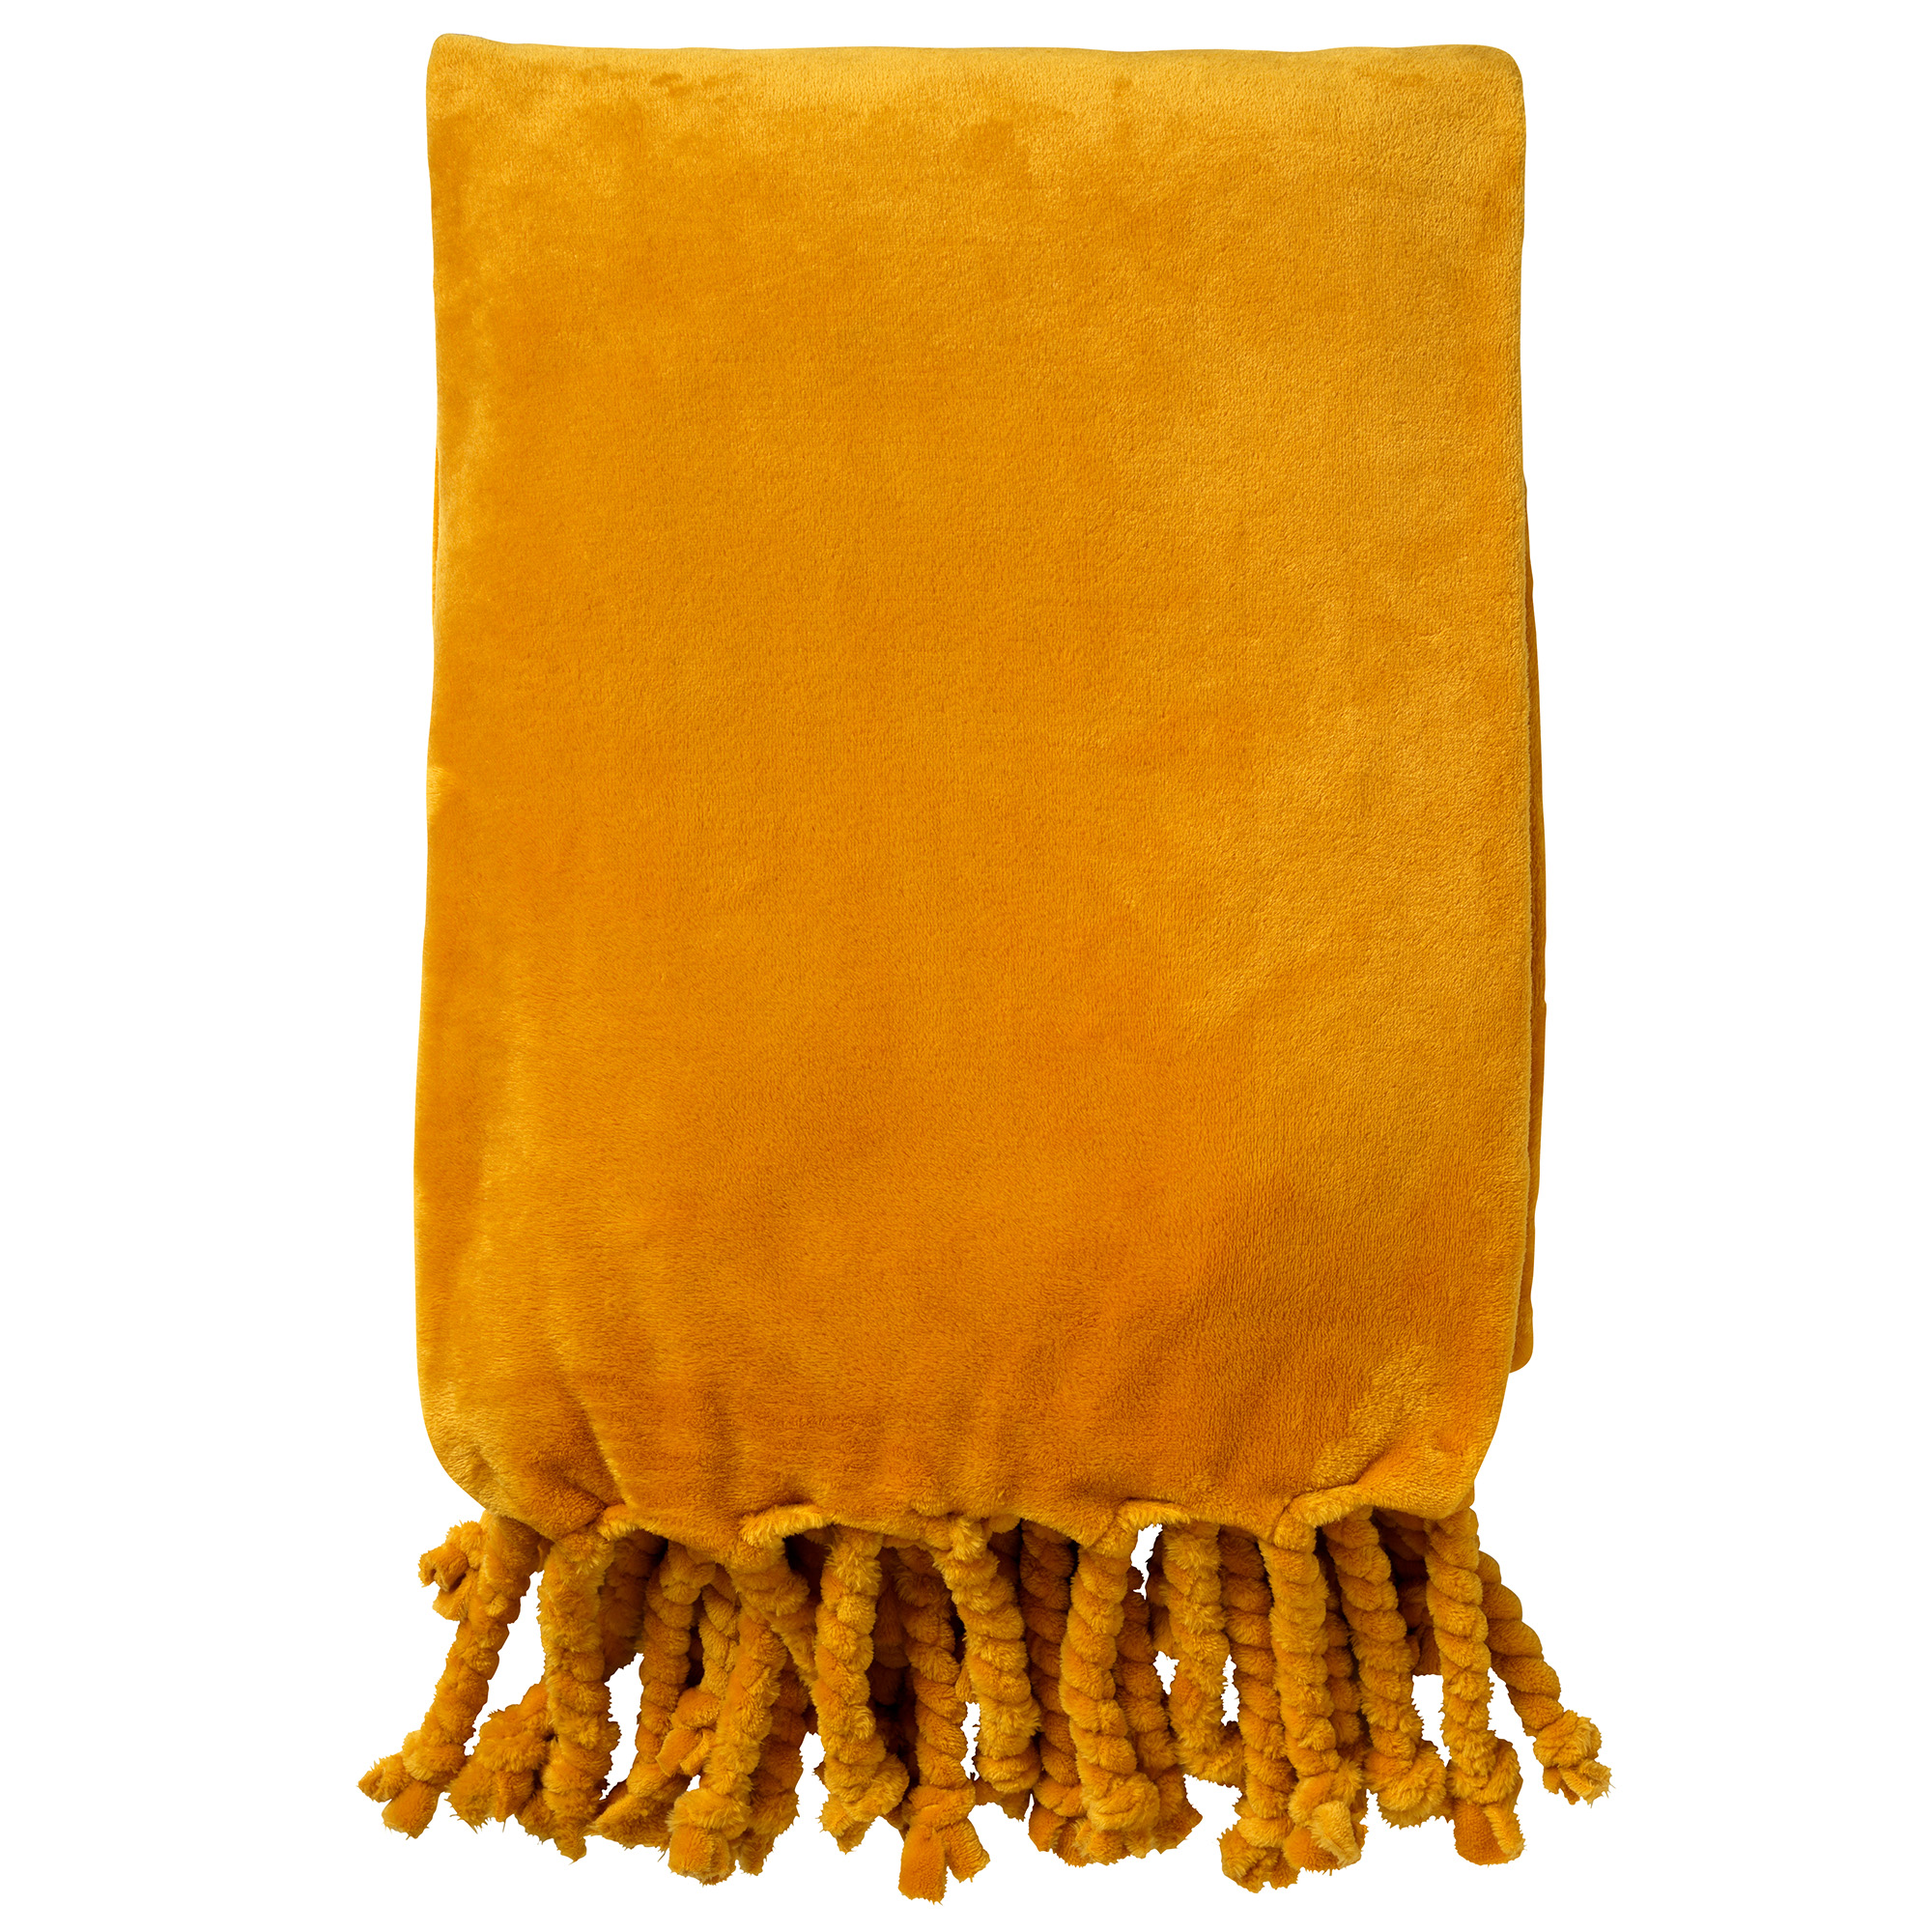 FLORIJN - Plaid Golden Glow 150x200 cm